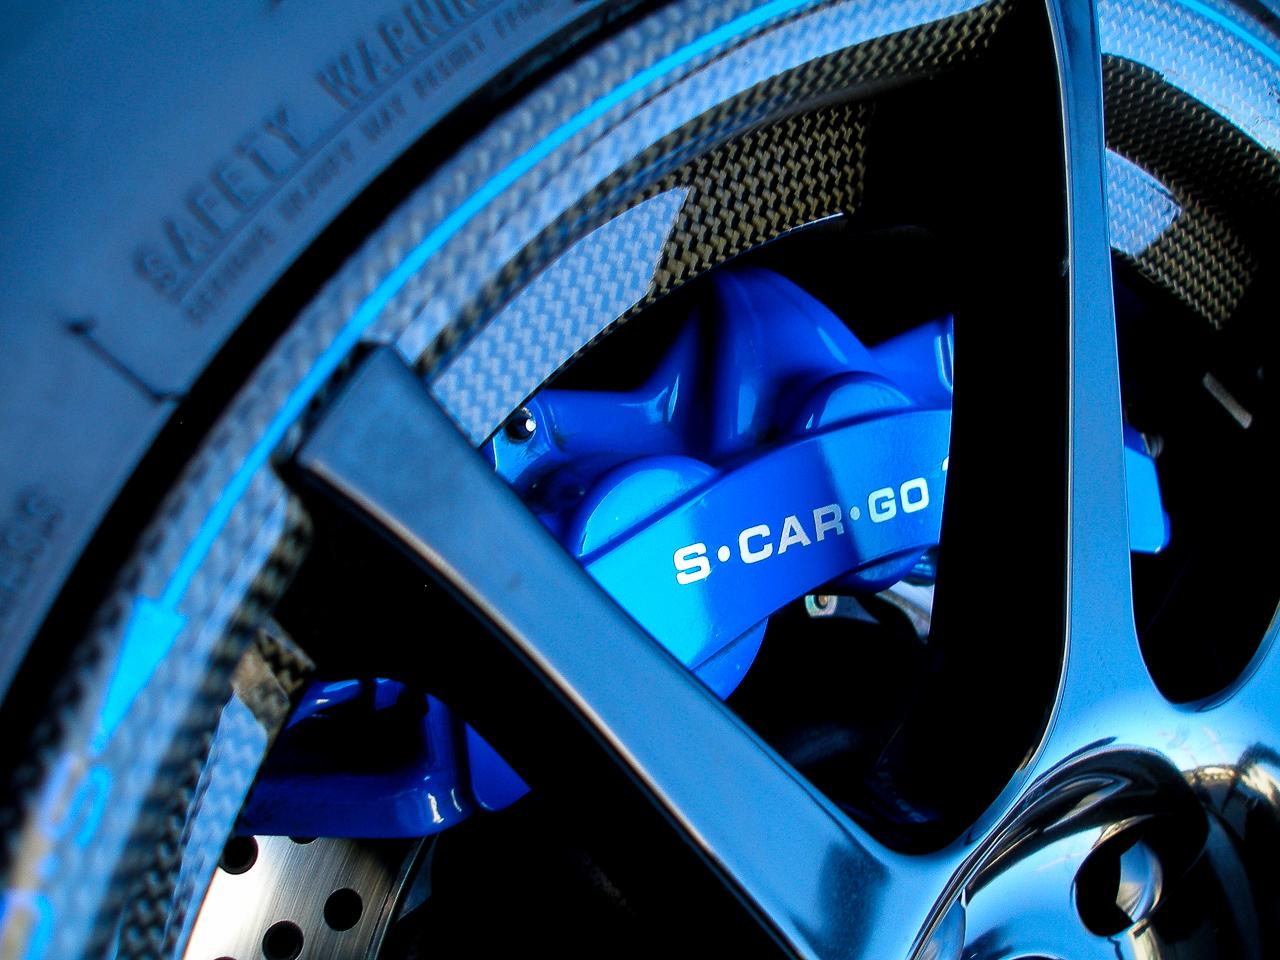 S•CAR•GO Porsche Brakes